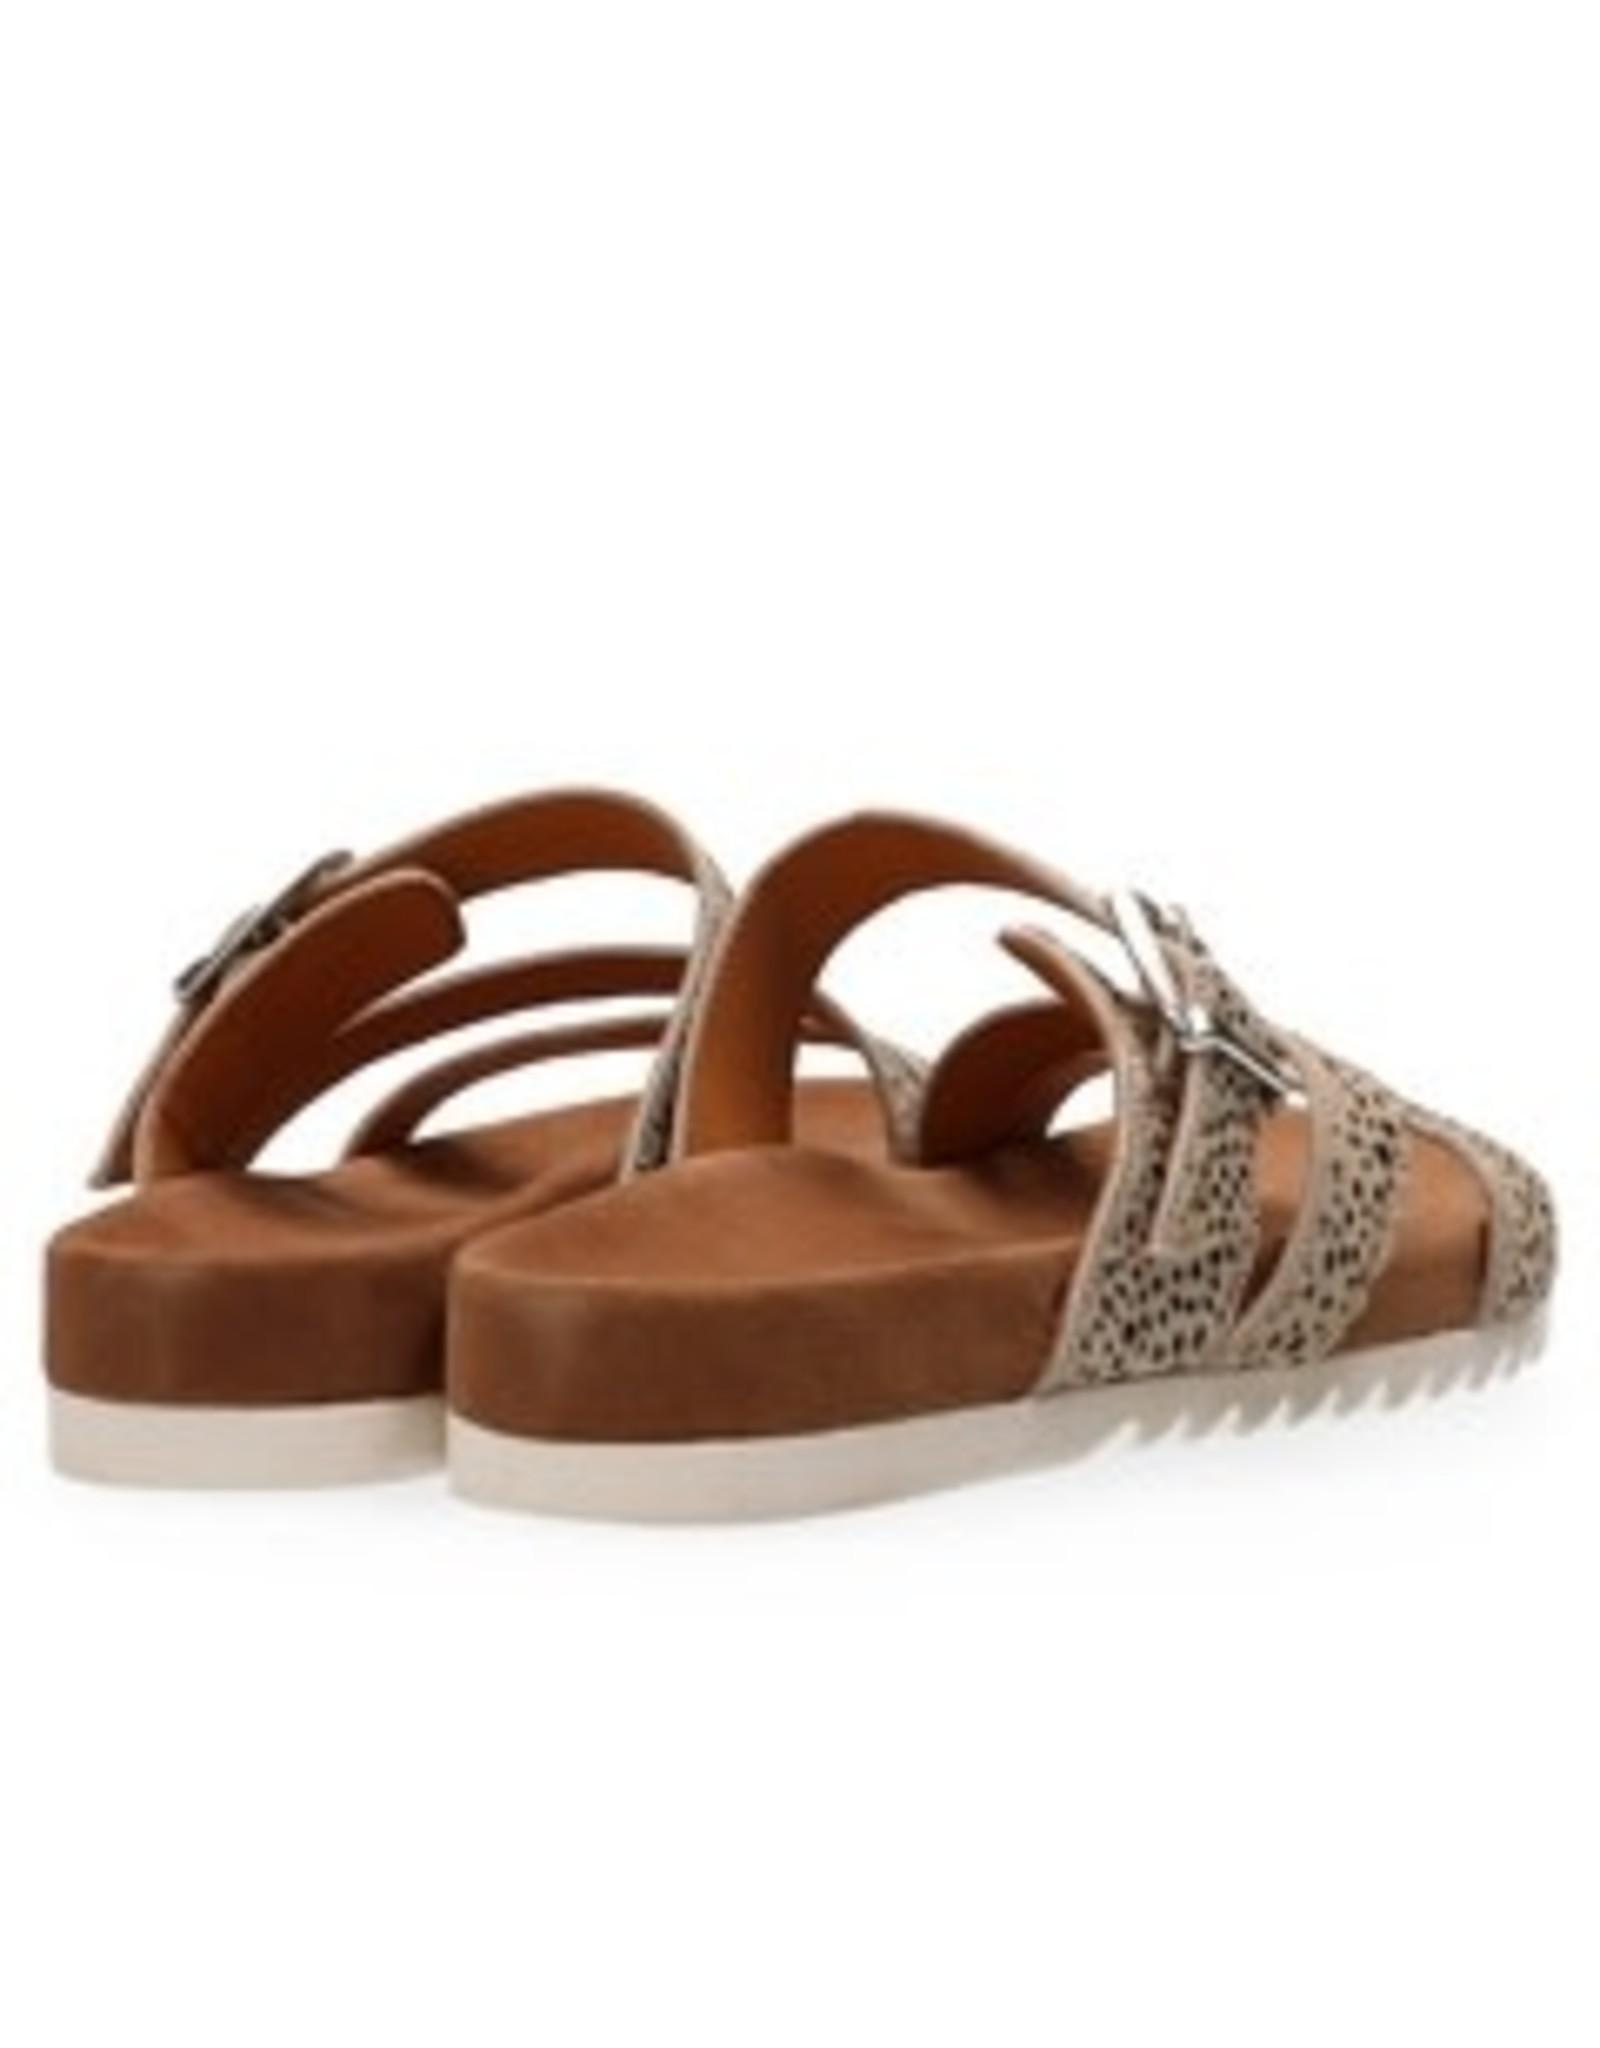 Maruti Bijou 3 Strap Sandal